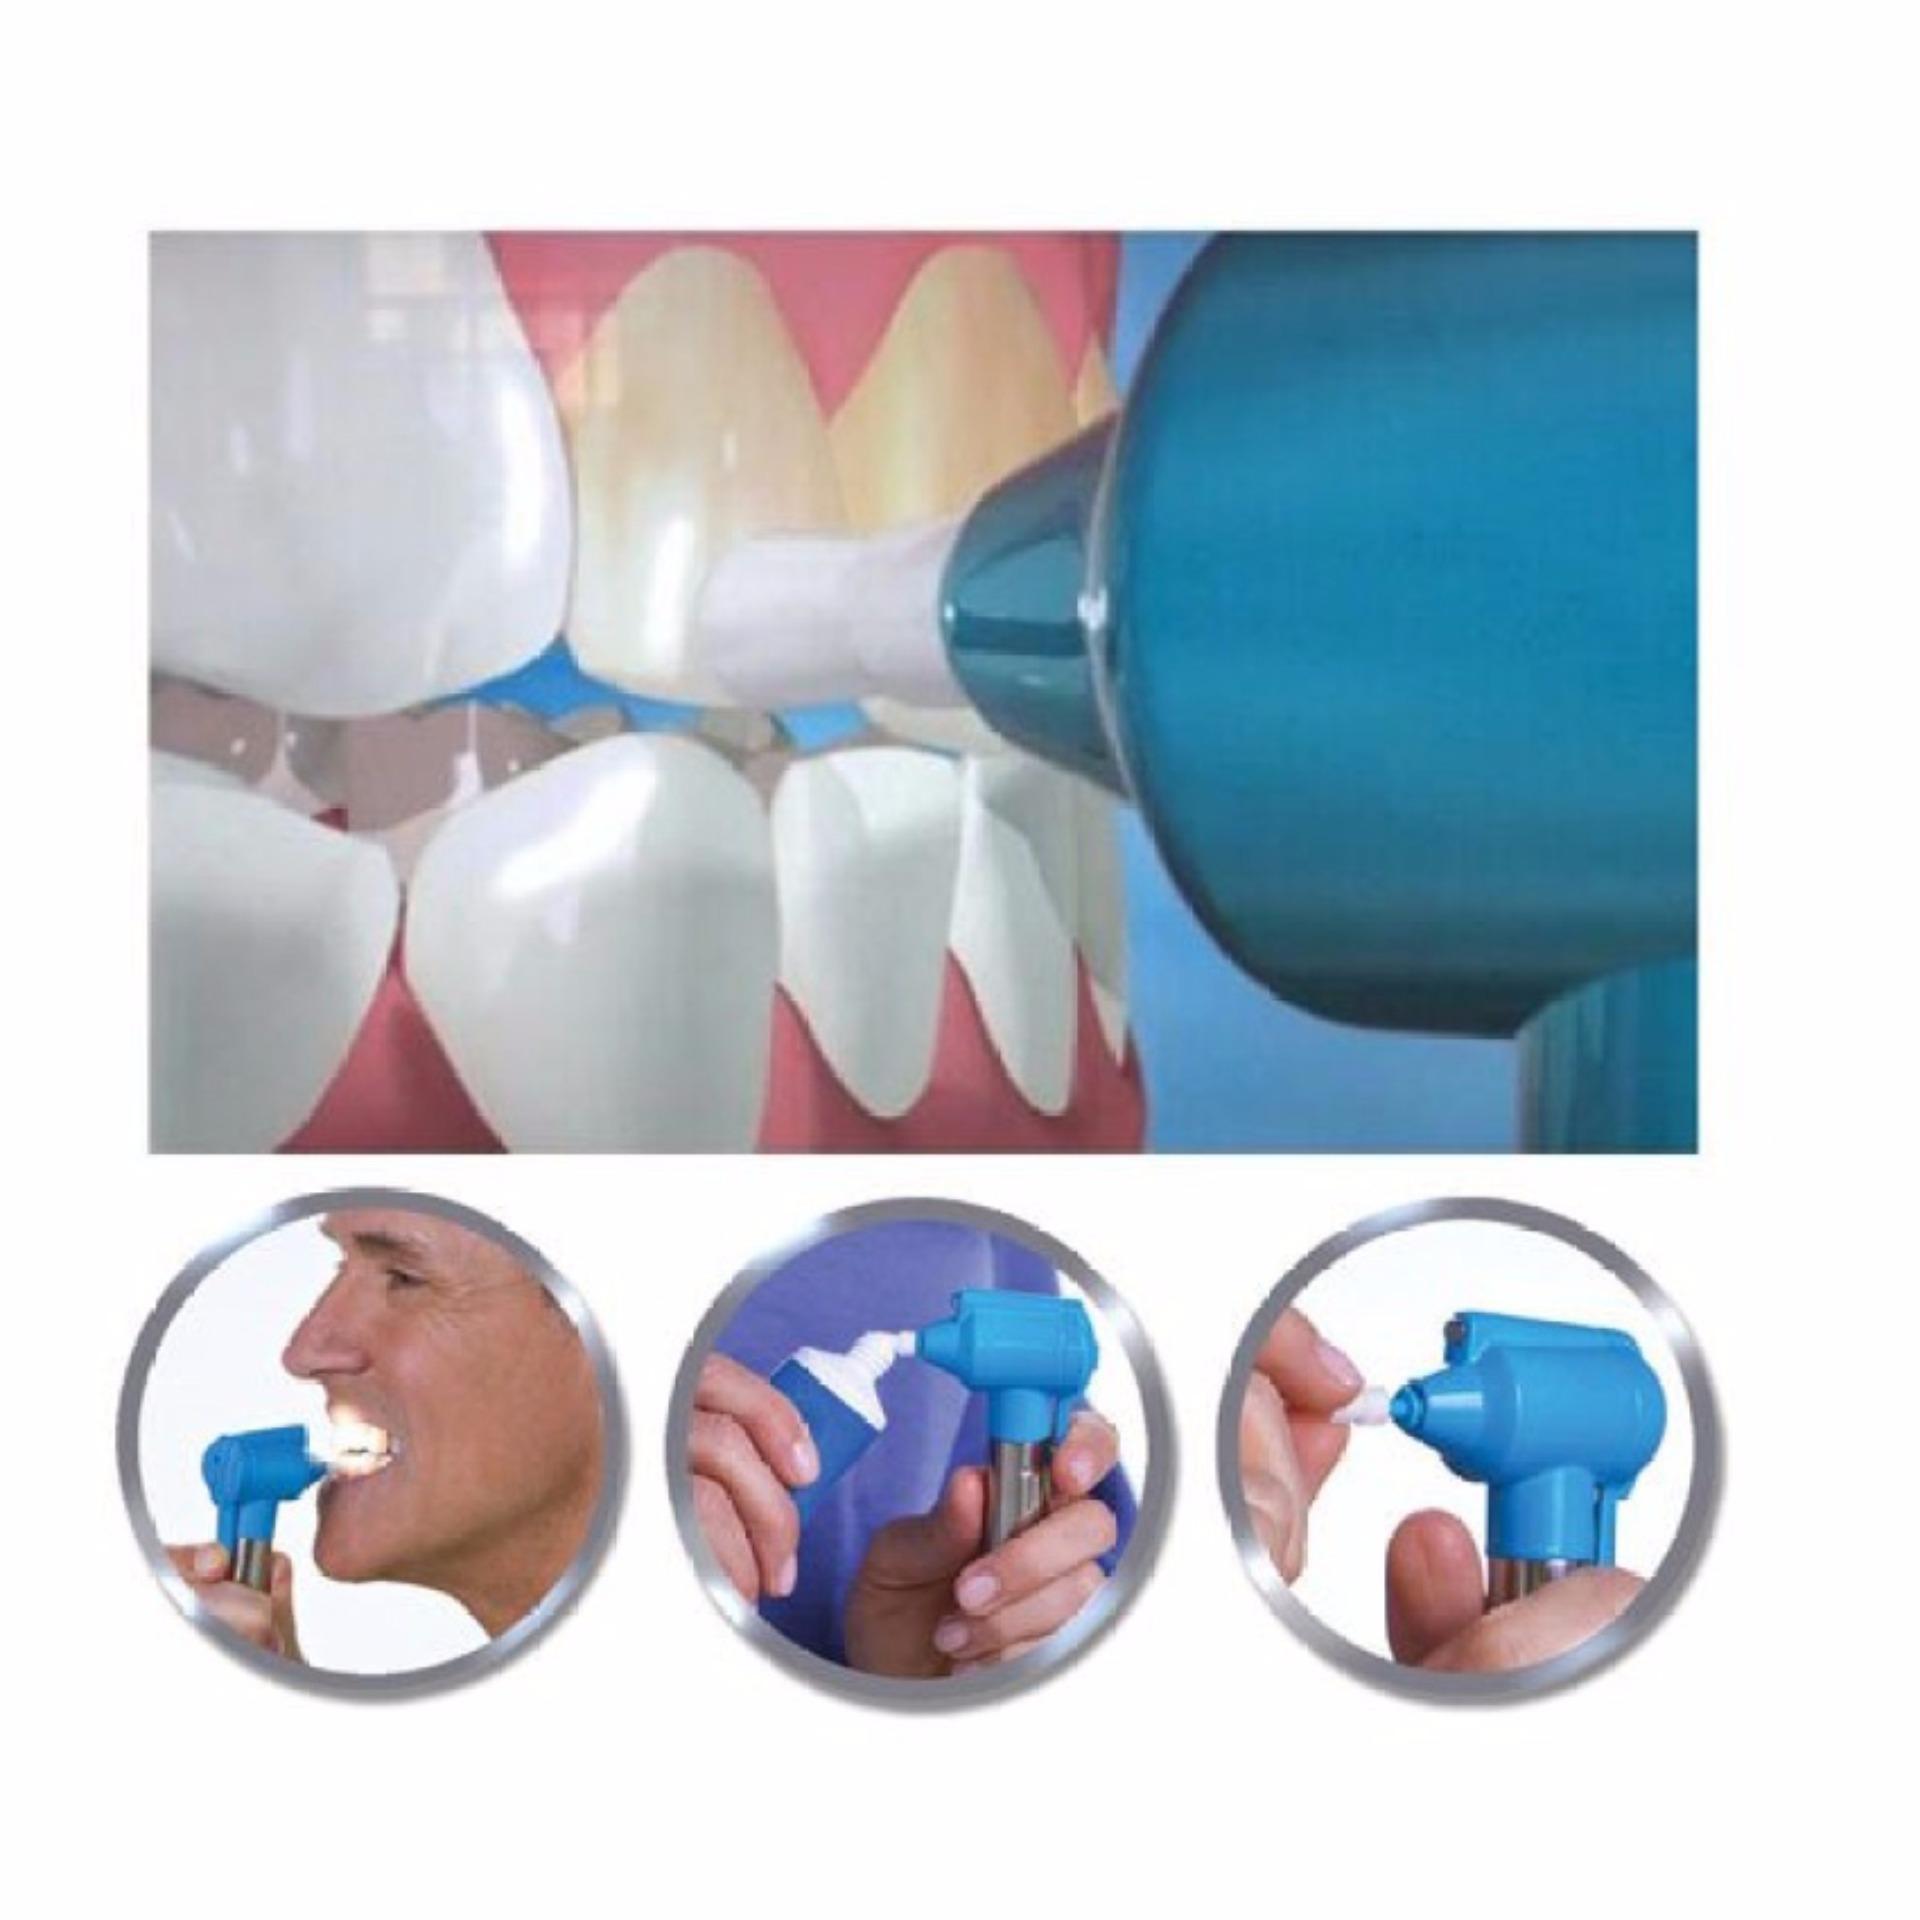 Cari Bandingkan Bukka Alat Pemutih Gigi Luma Smile Pembersih Noda